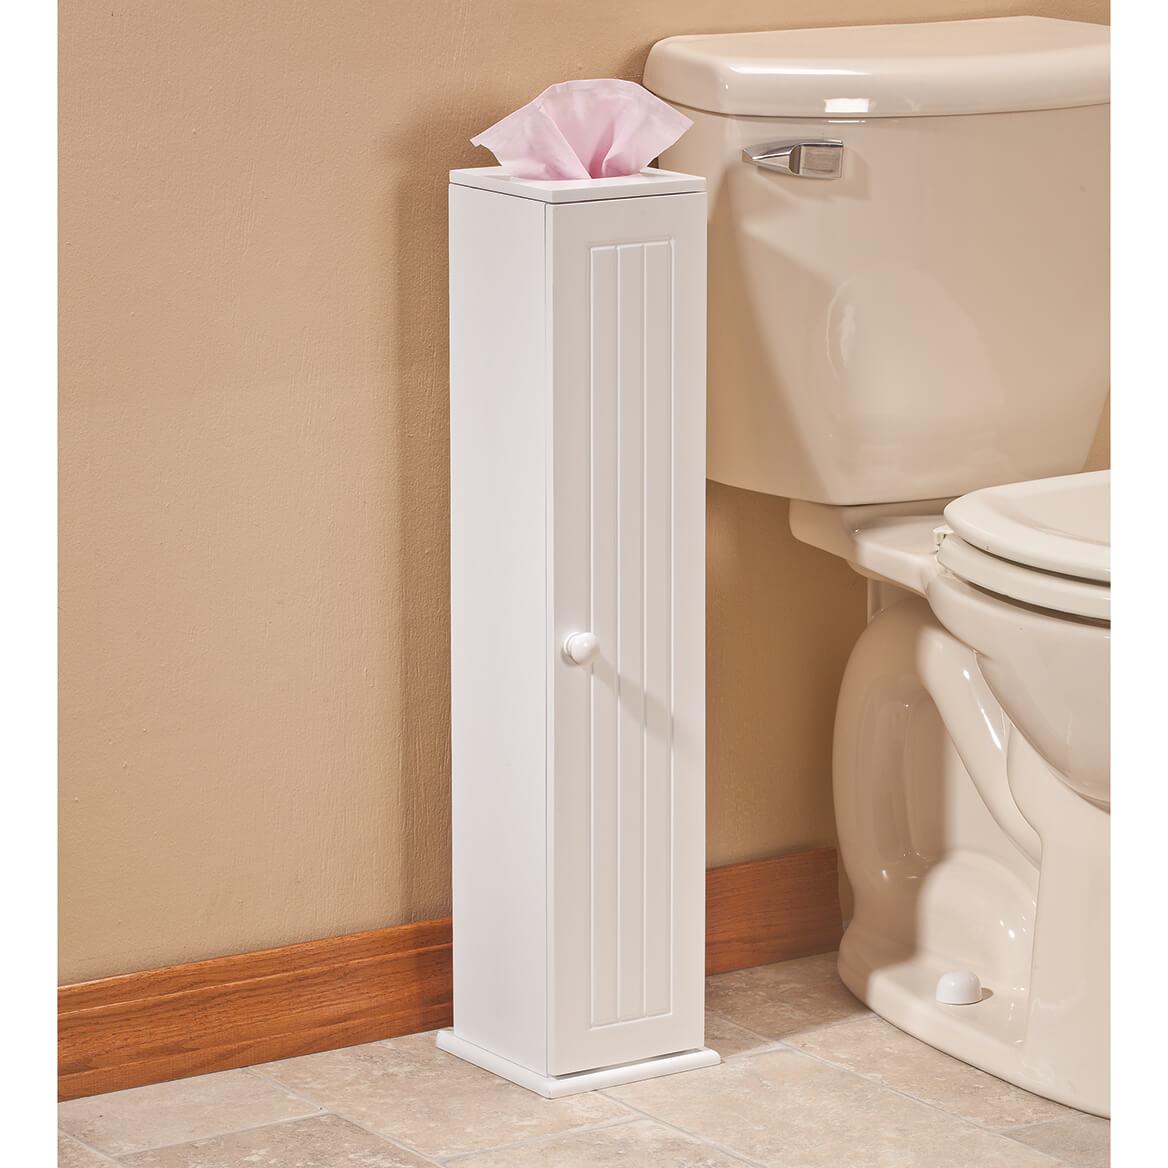 Toilet Tissue Tower by OakRidge™-352695